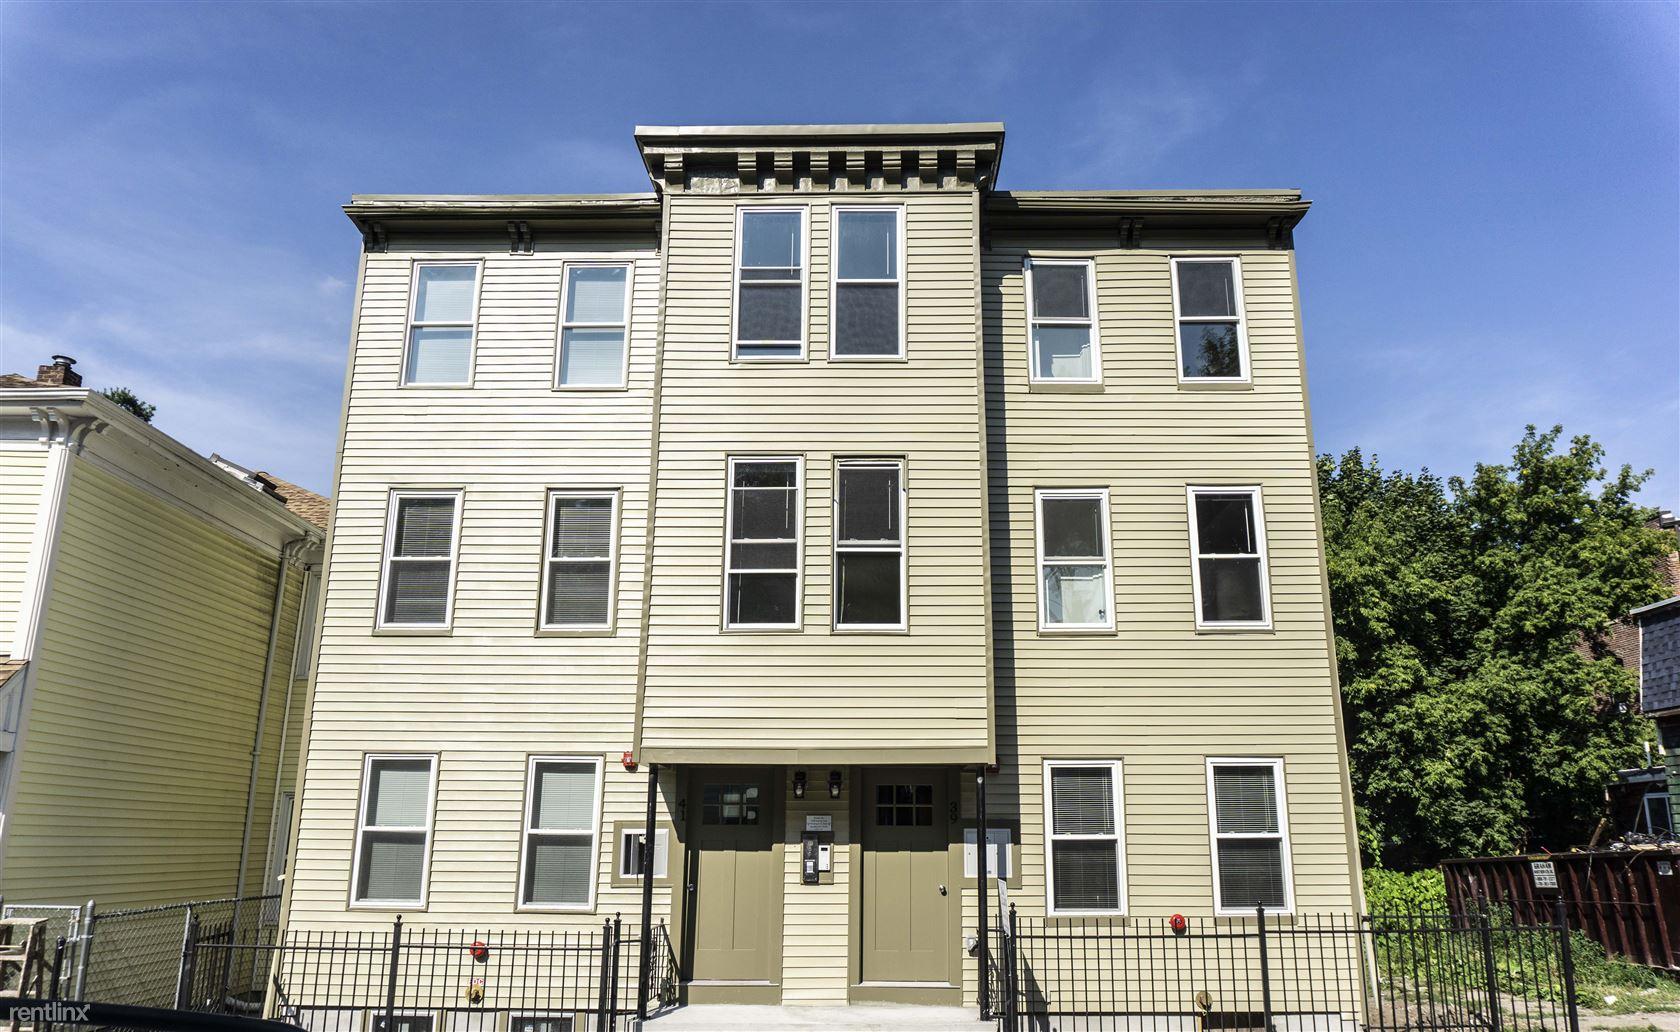 39 W Walnut Park Apt 3, Roxbury, MA - $2,700 USD/ month